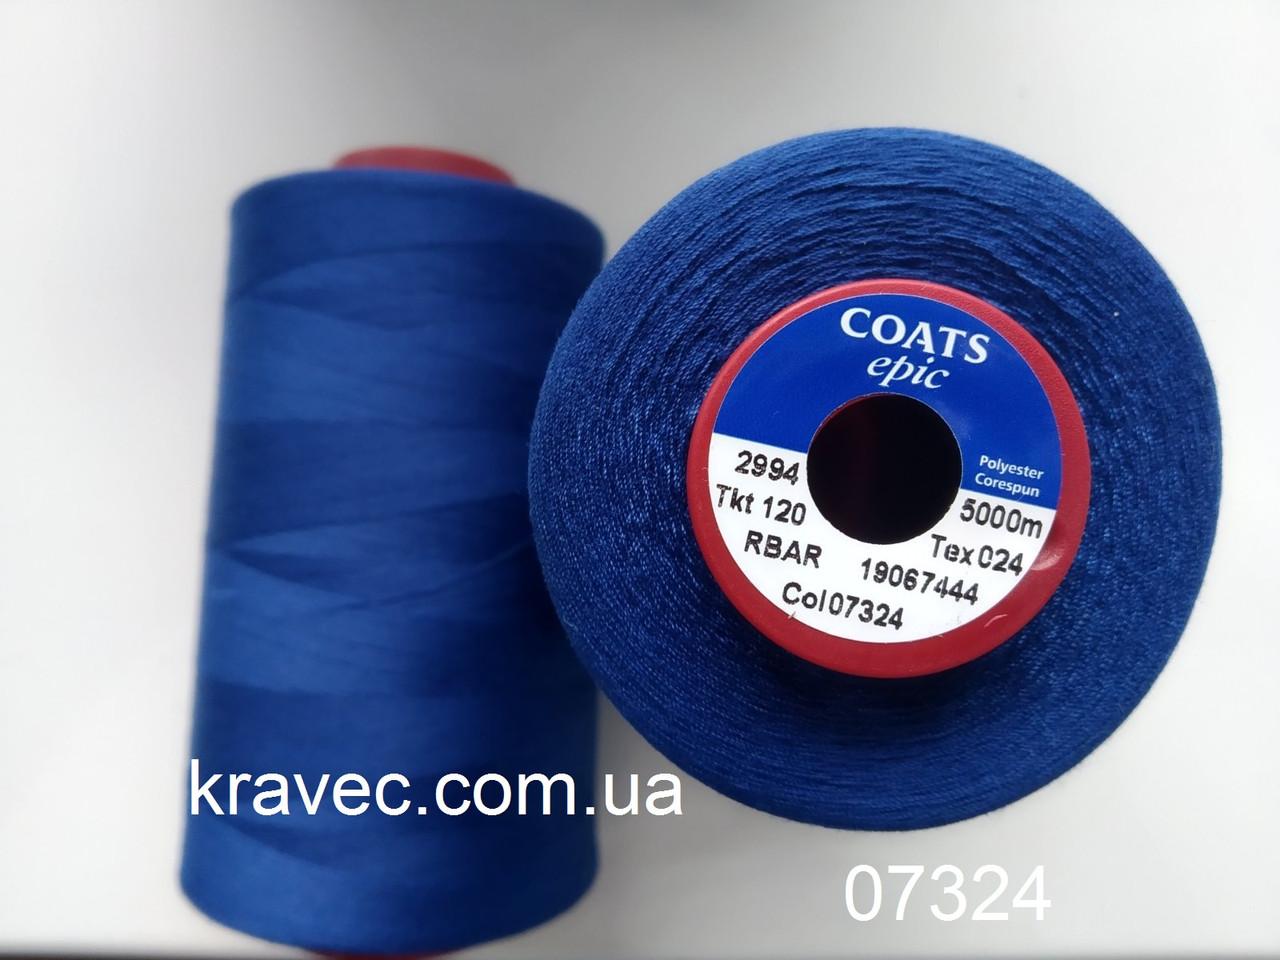 Нитки Coats Epic 07324 / 120, 5000м